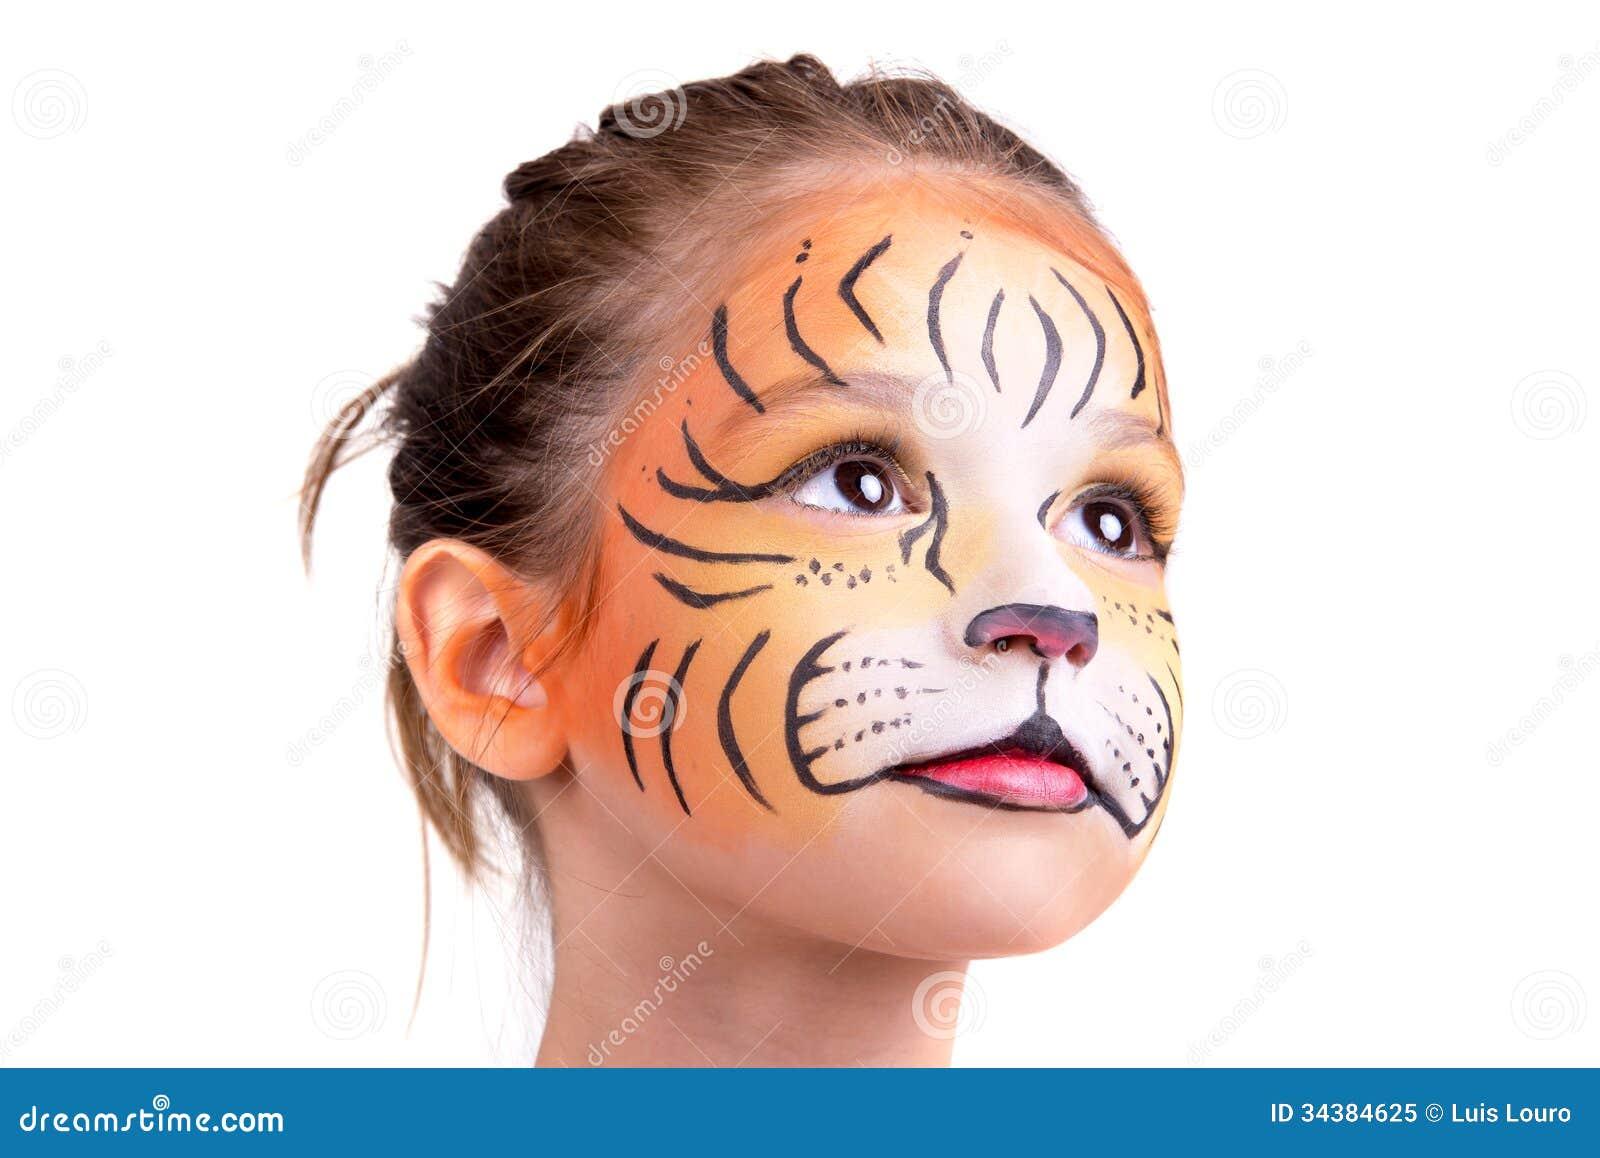 Рисунки на лице для девочек в домашних условиях